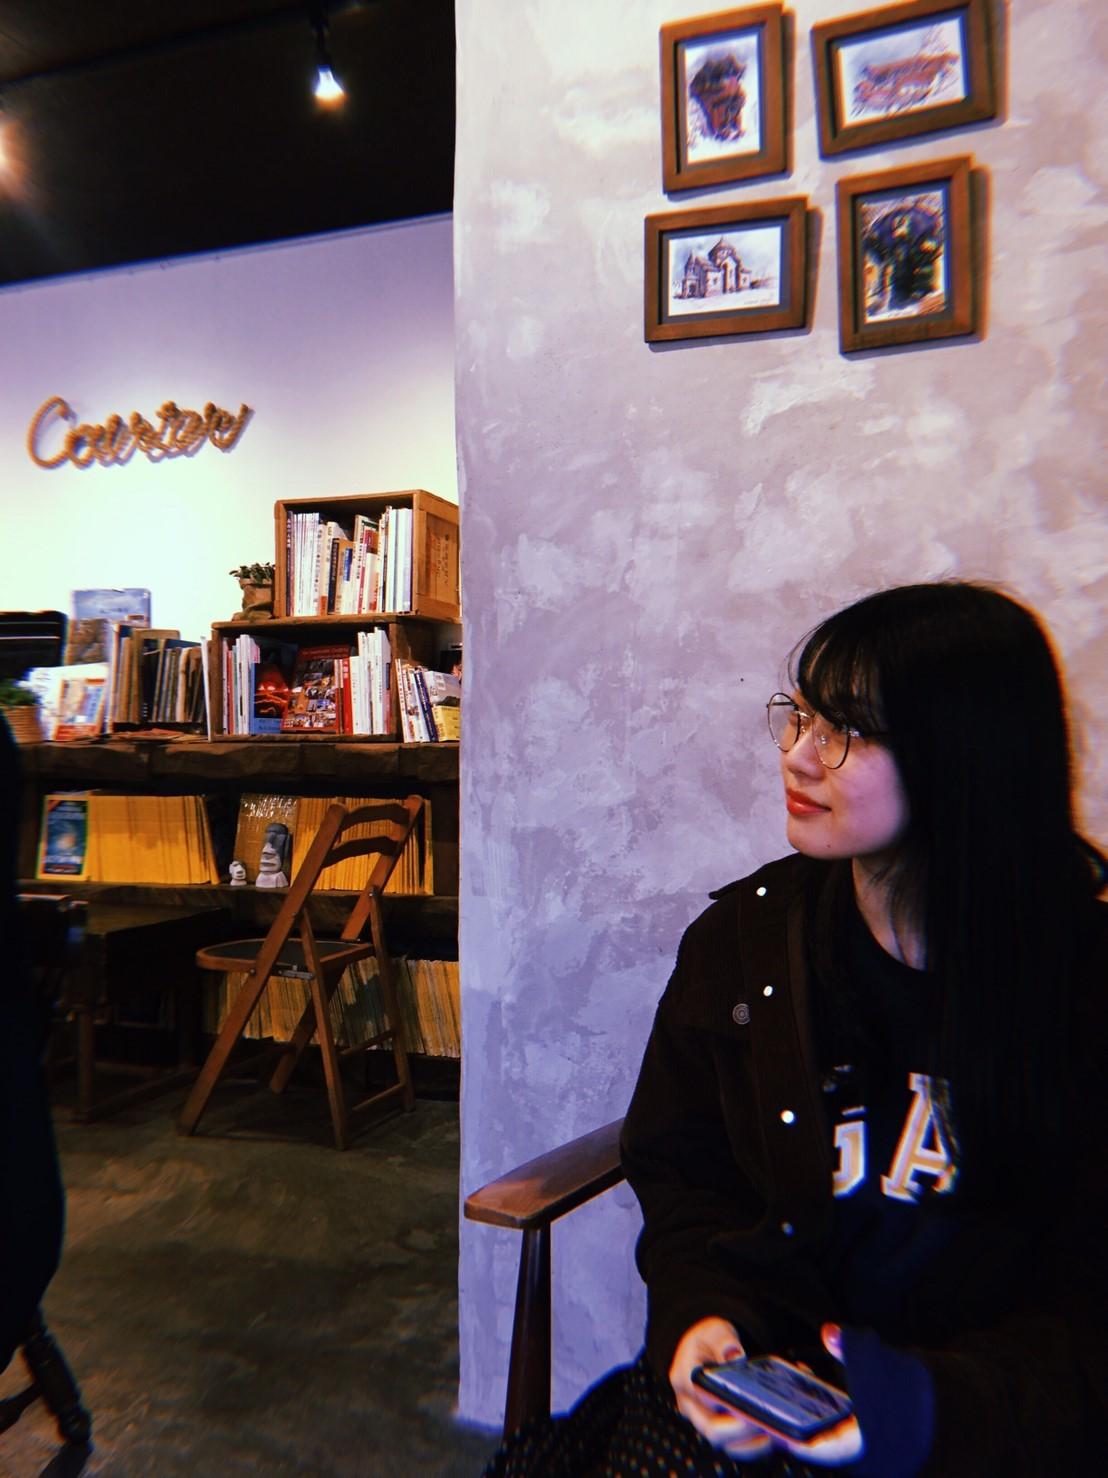 おすすめ!おしゃれな飛騨高山カフェ【 カフェ クーリエ 】_1_4